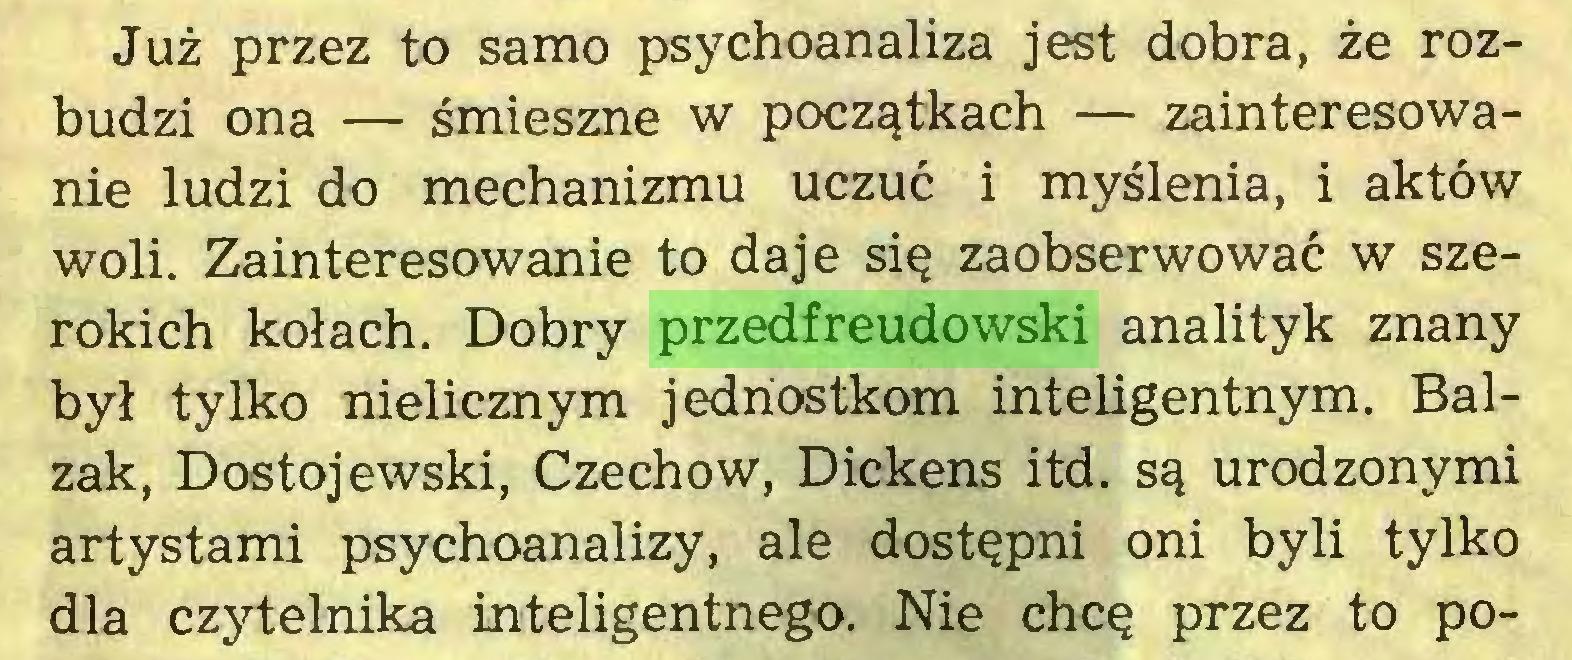 (...) Już przez to samo psychoanaliza jest dobra, że rozbudzi ona — śmieszne w początkach — zainteresowanie ludzi do mechanizmu uczuć i myślenia, i aktów woli. Zainteresowanie to daje się zaobserwować w szerokich kołach. Dobry przedfreudowski analityk znany był tylko nielicznym jednostkom inteligentnym. Balzak, Dostojewski, Czechow, Dickens itd. są urodzonymi artystami psychoanalizy, ale dostępni oni byli tylko dla czytelnika inteligentnego. Nie chcę przez to po...